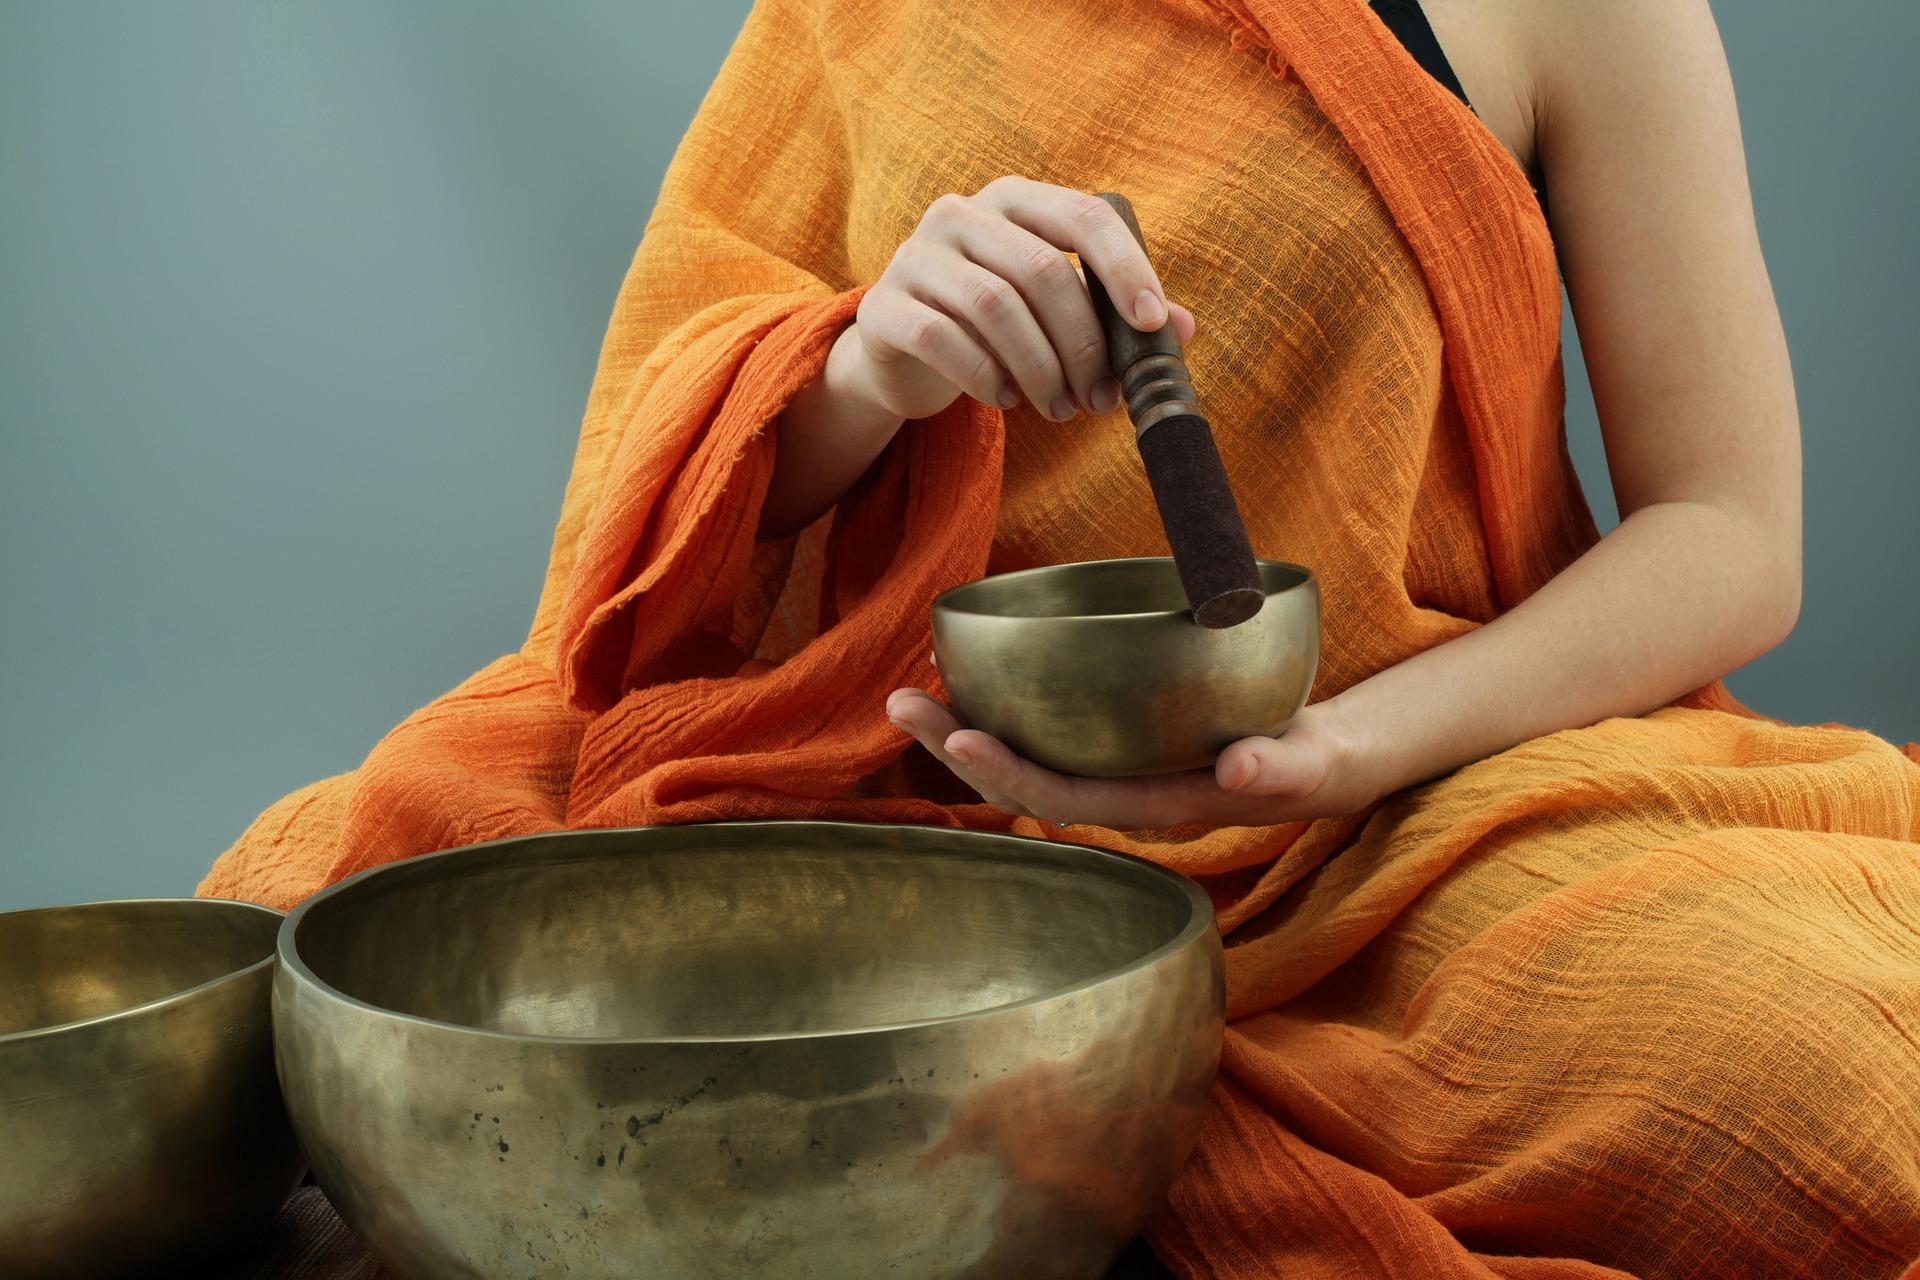 singing-bowls-4762246_1920